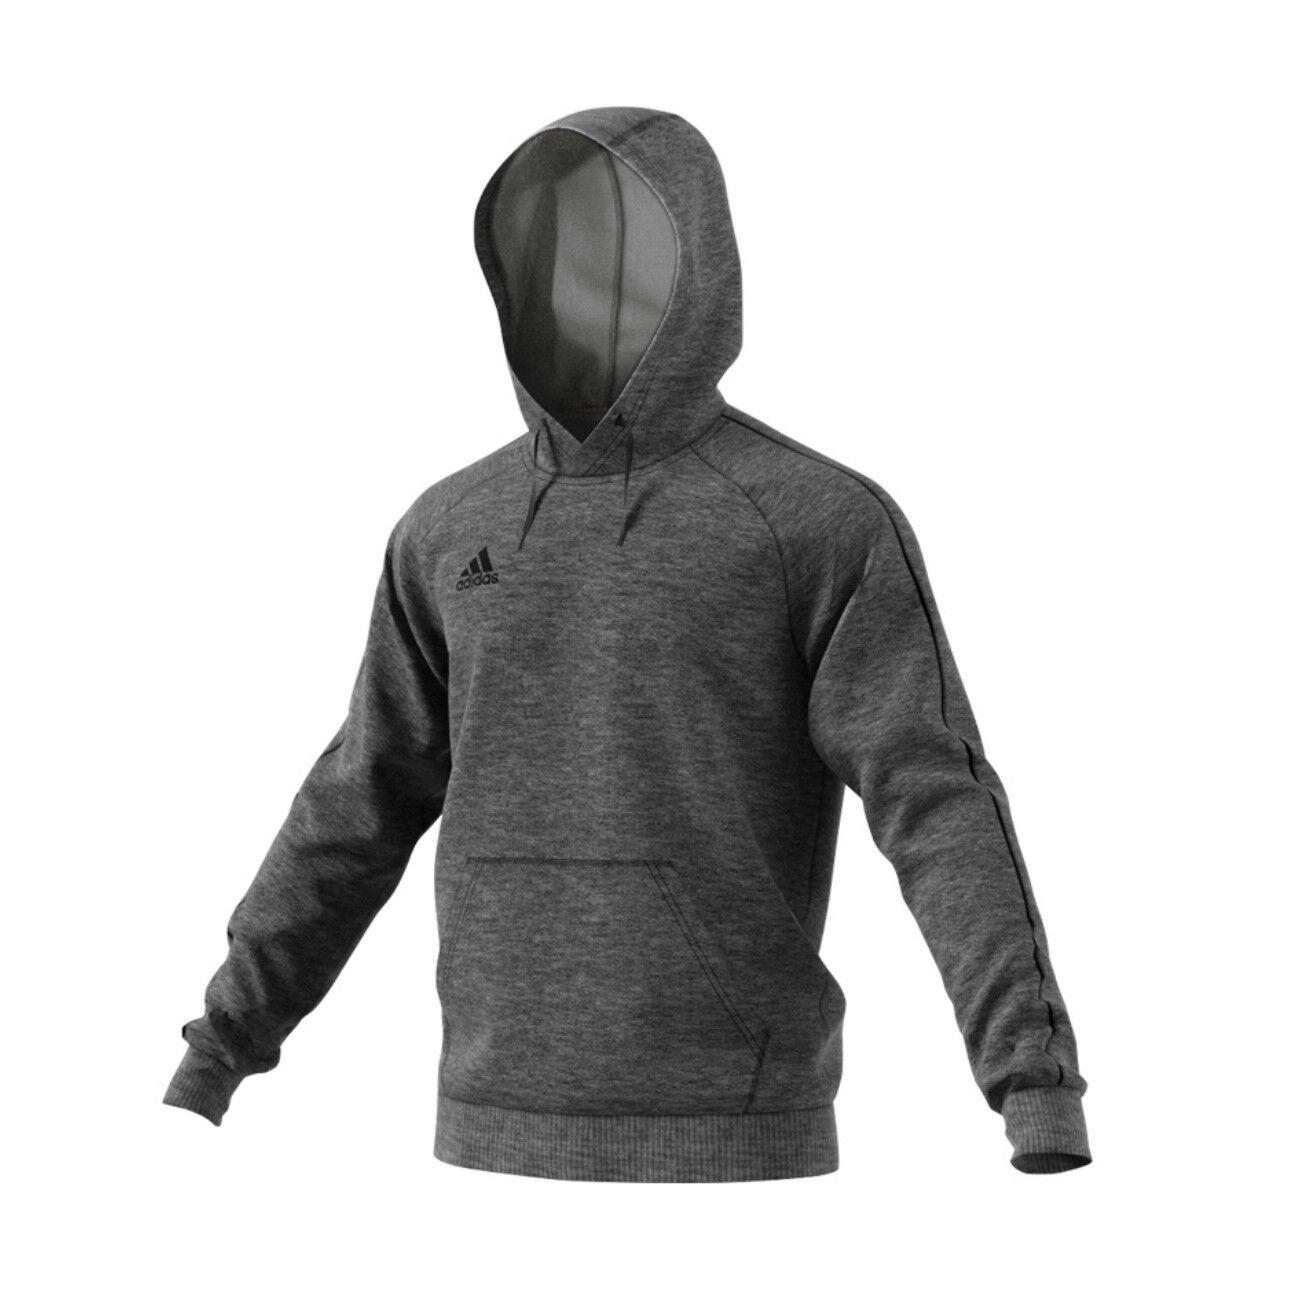 Adidas Herren Männer Kapuzenpullover Hoodie Pullover mit Kapuze schwarz S S S - XXXL  | Produktqualität  | Qualitativ Hochwertiges Produkt  | Stabile Qualität  0ebde8